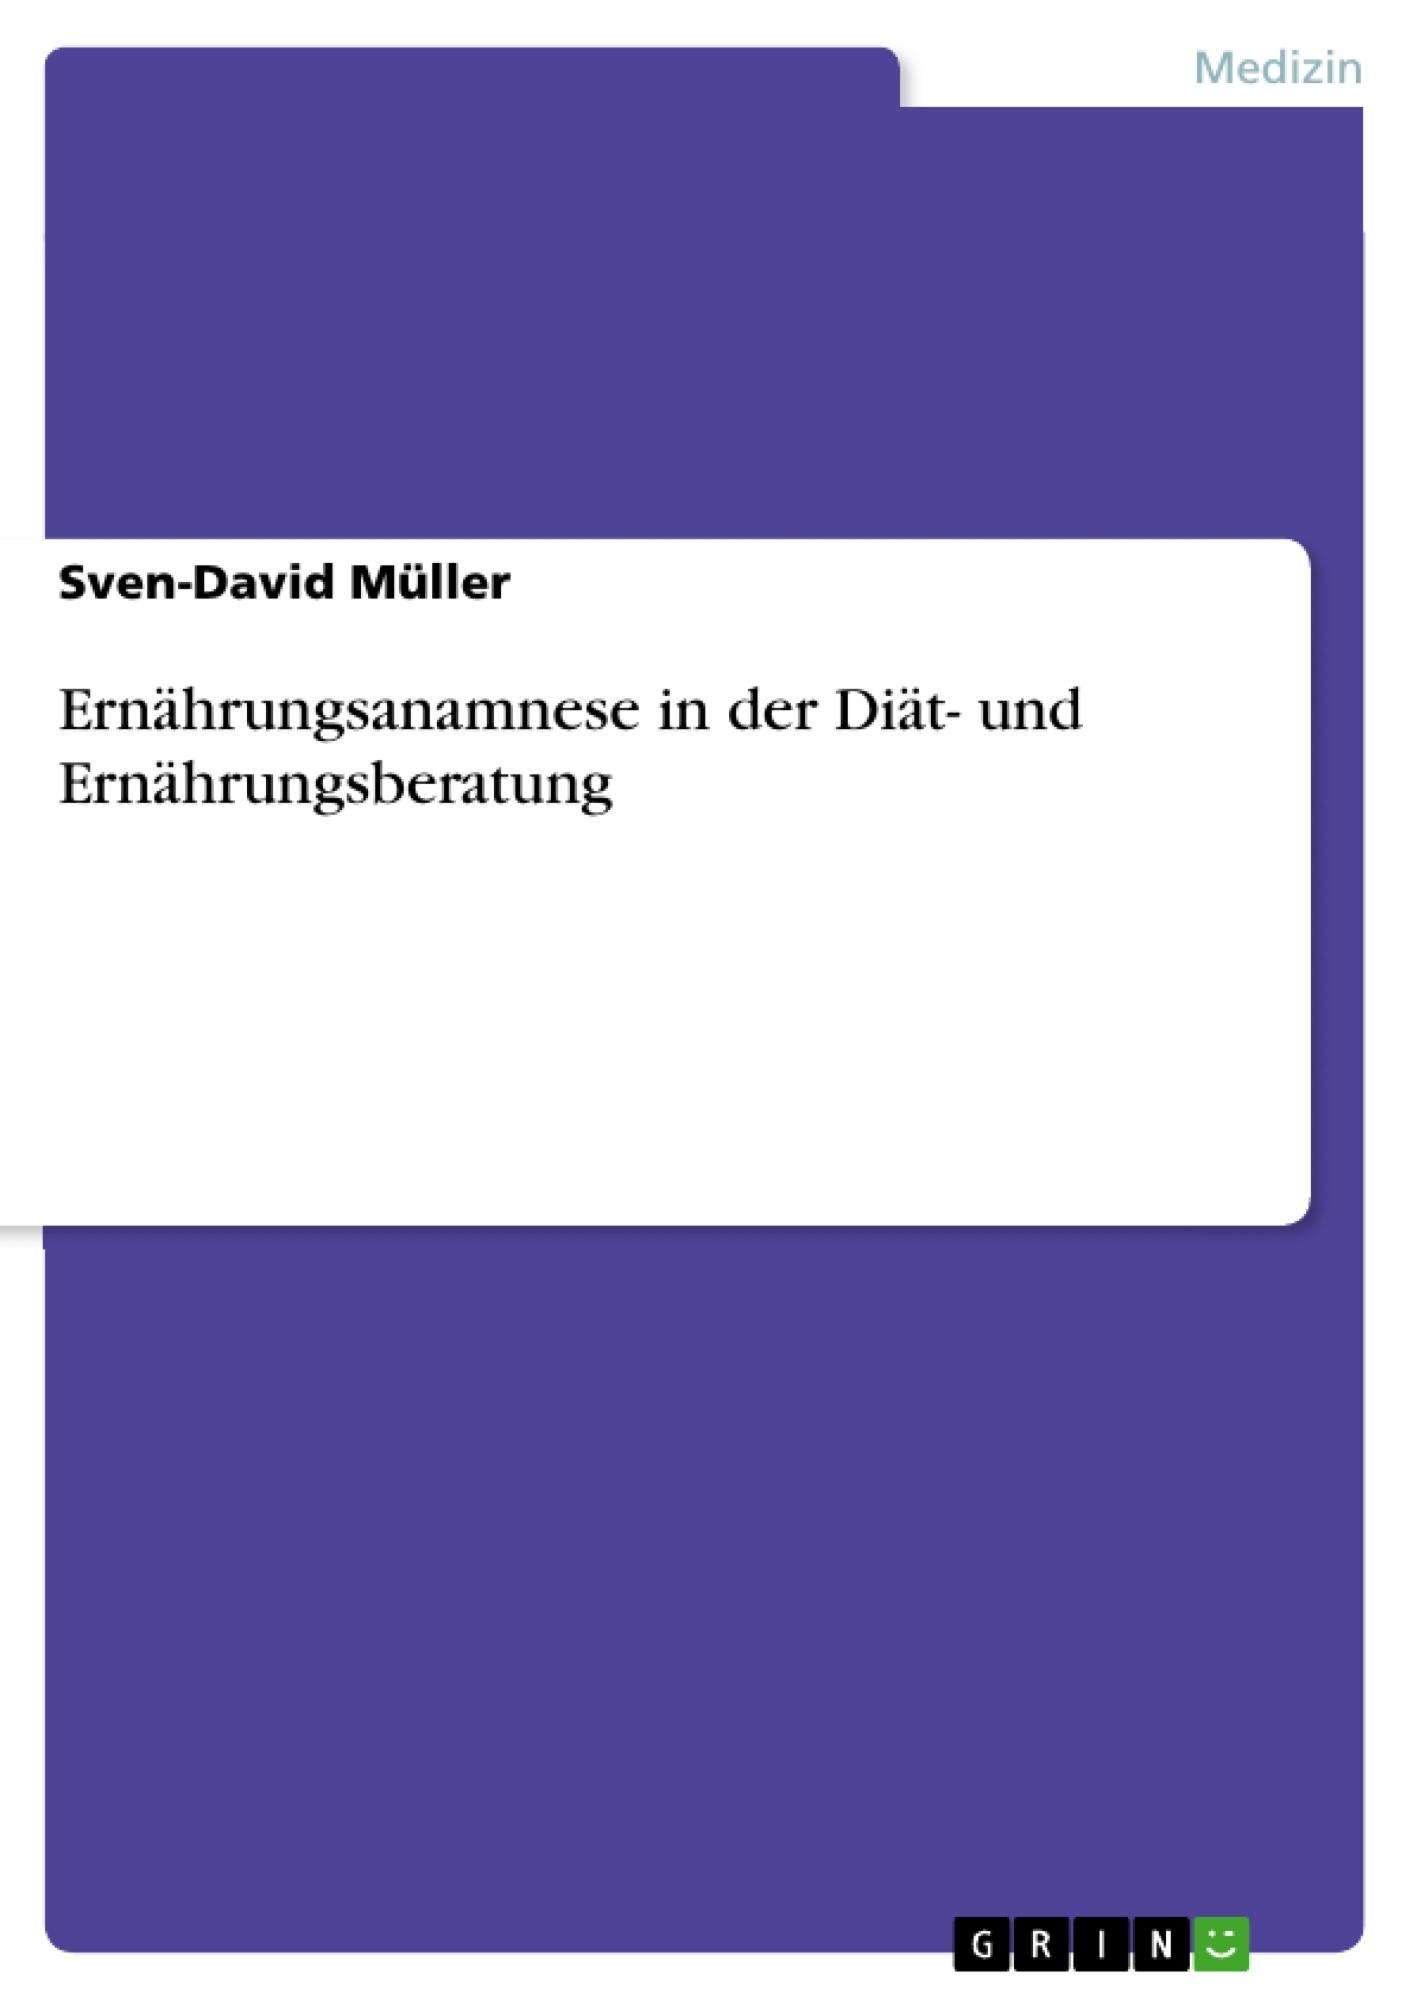 Titel: Ernährungsanamnese in der Diät- und Ernährungsberatung